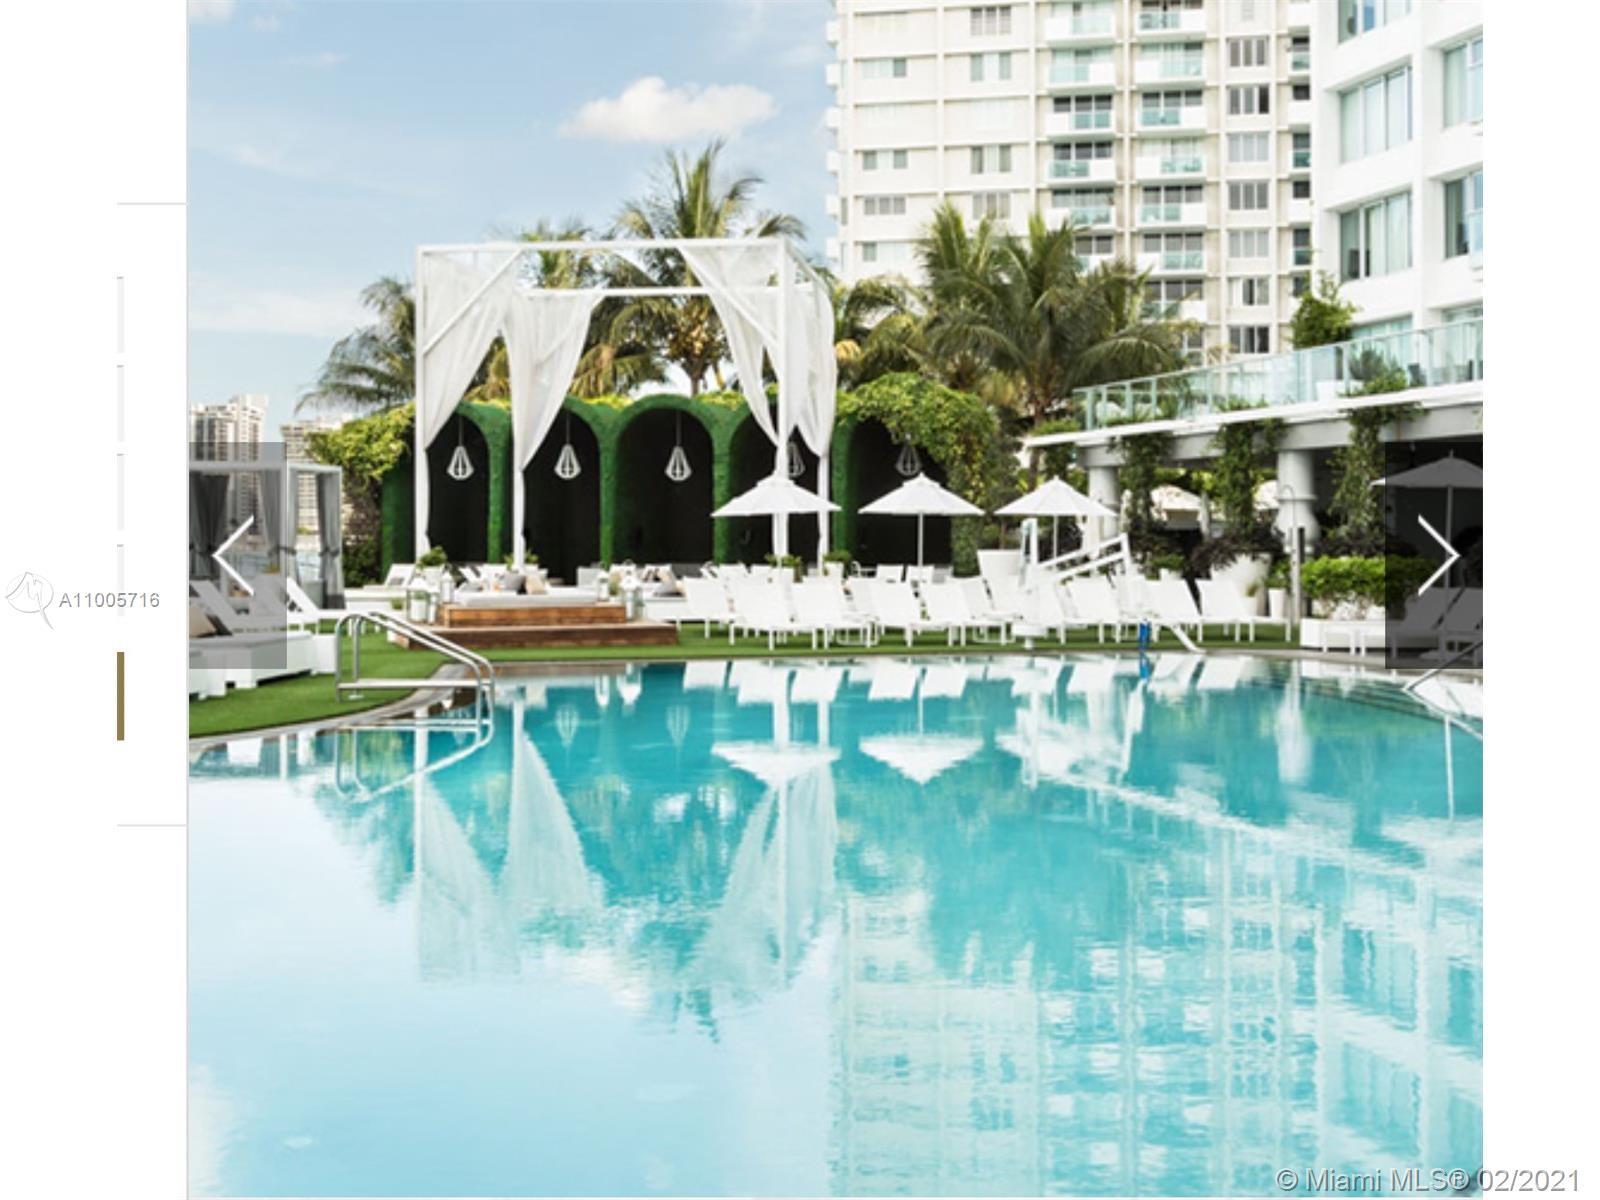 Mondrian South Beach #901 - 1100 West Ave #901, Miami Beach, FL 33139